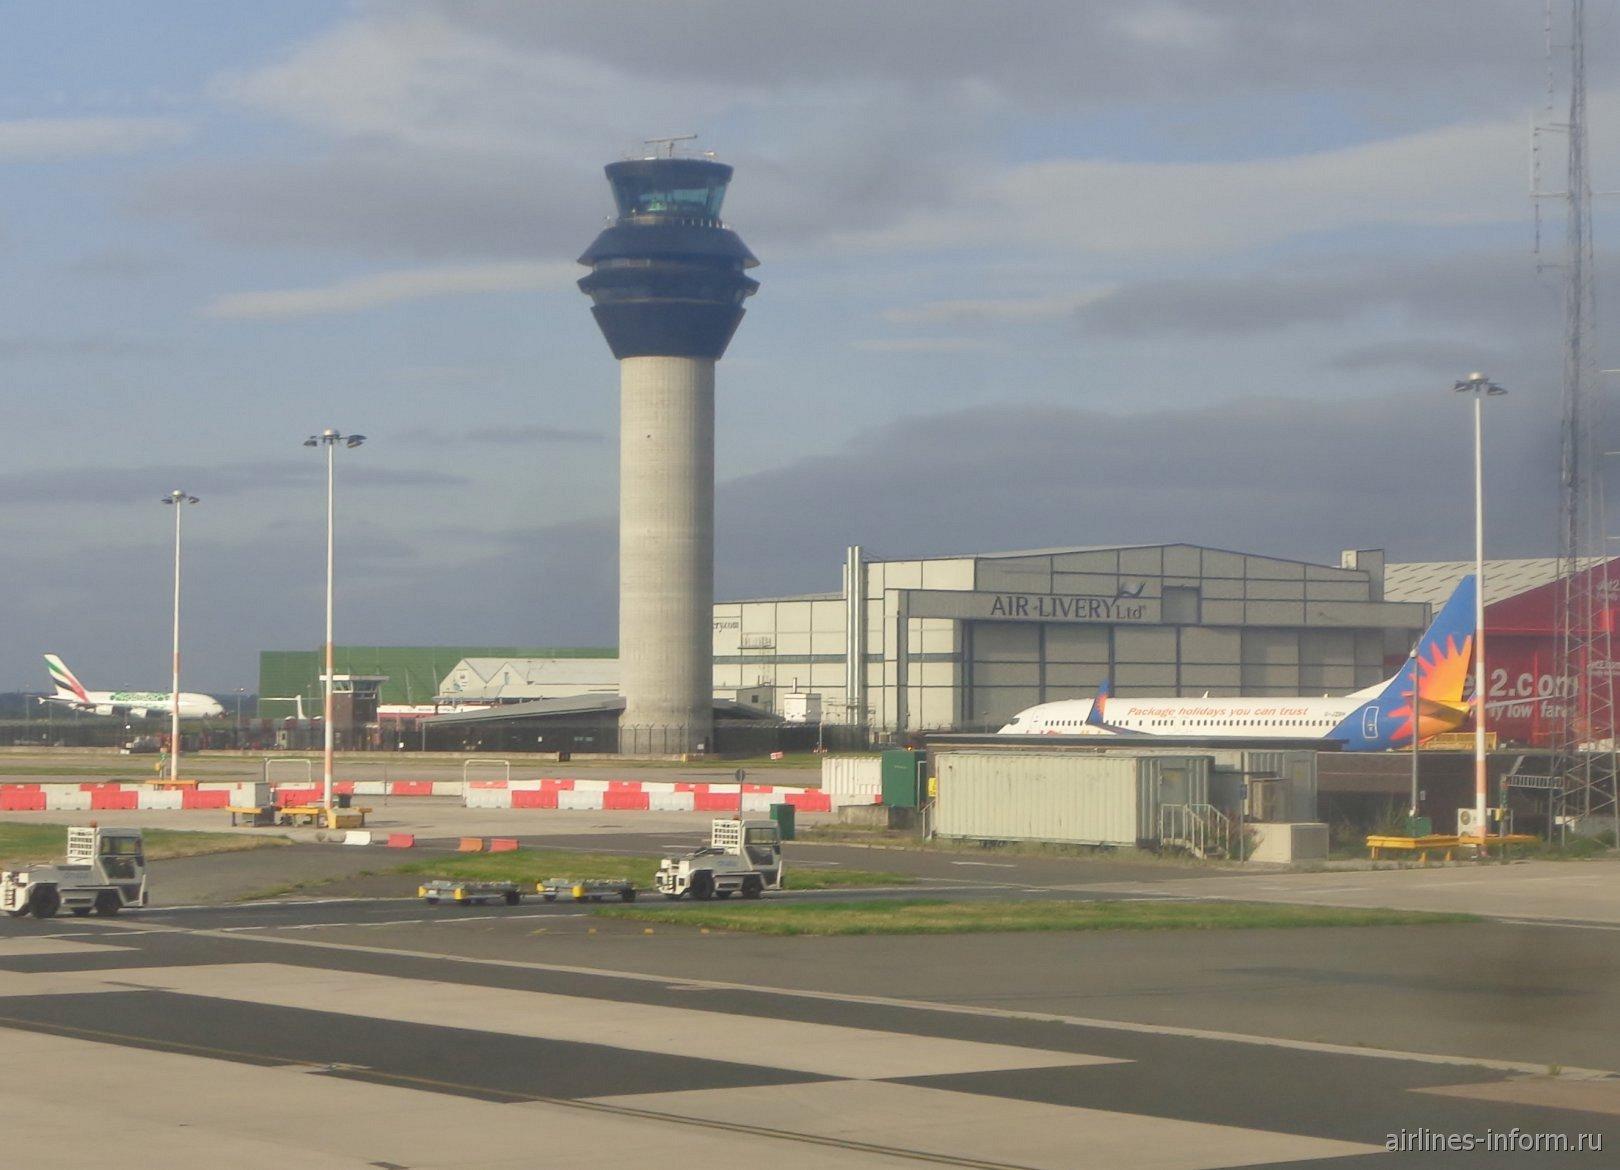 Диспетчерская башня аэропорта Манчестер